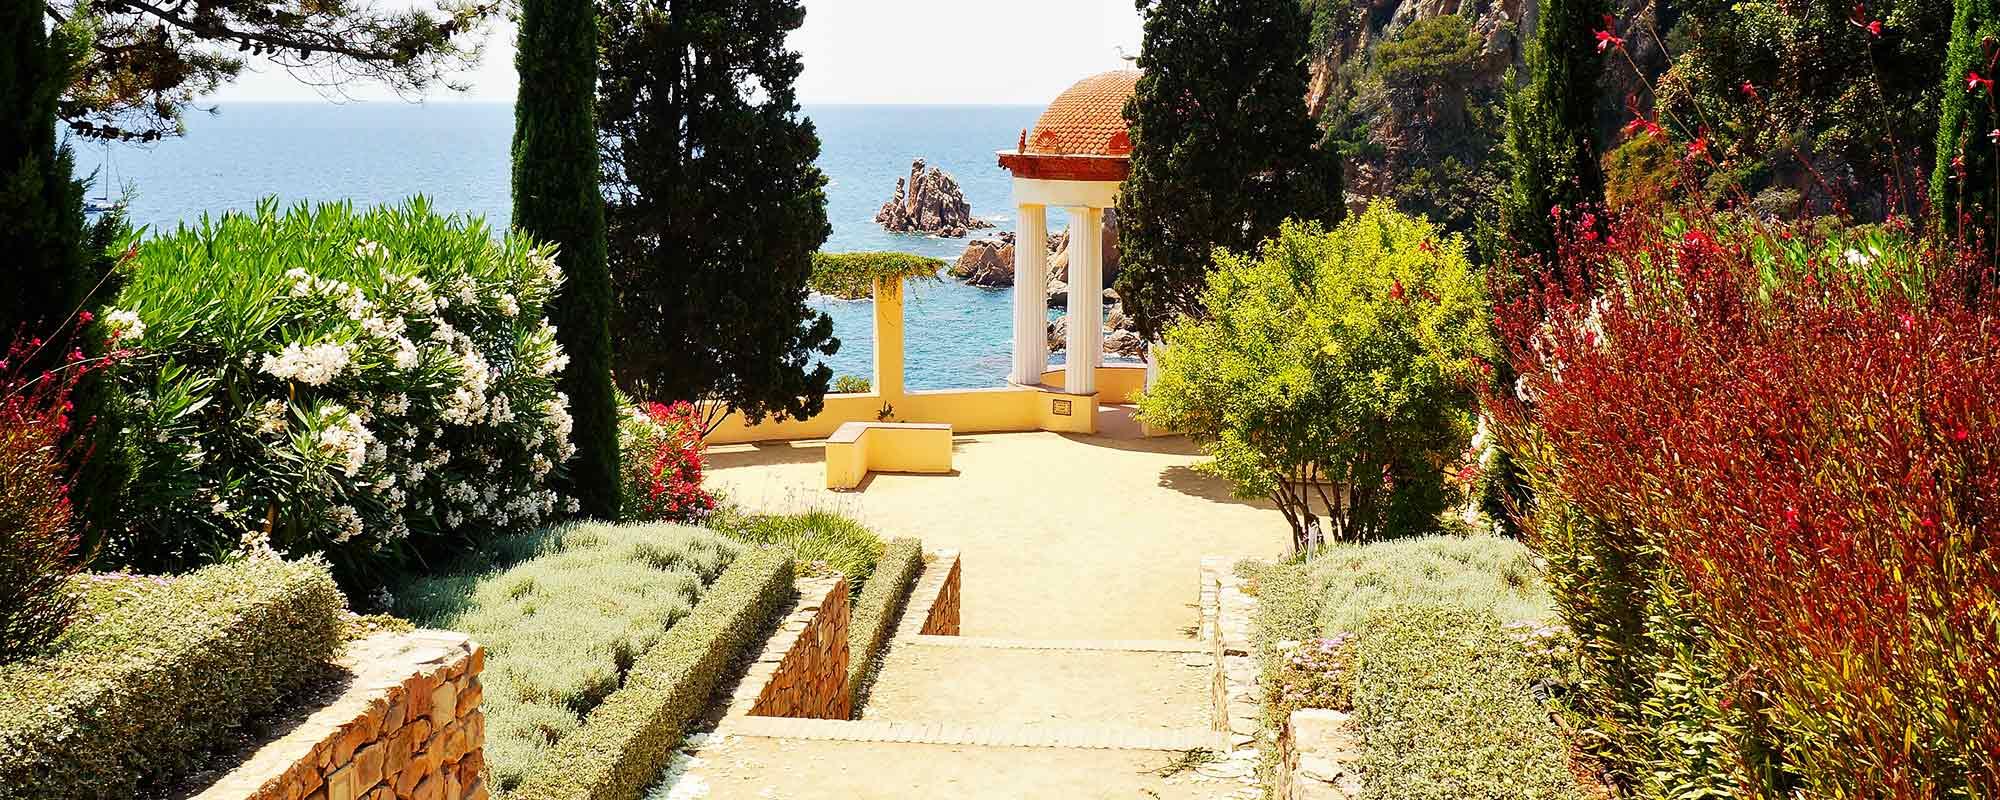 Die richtigen Pflanzen für mediterrane Gärten